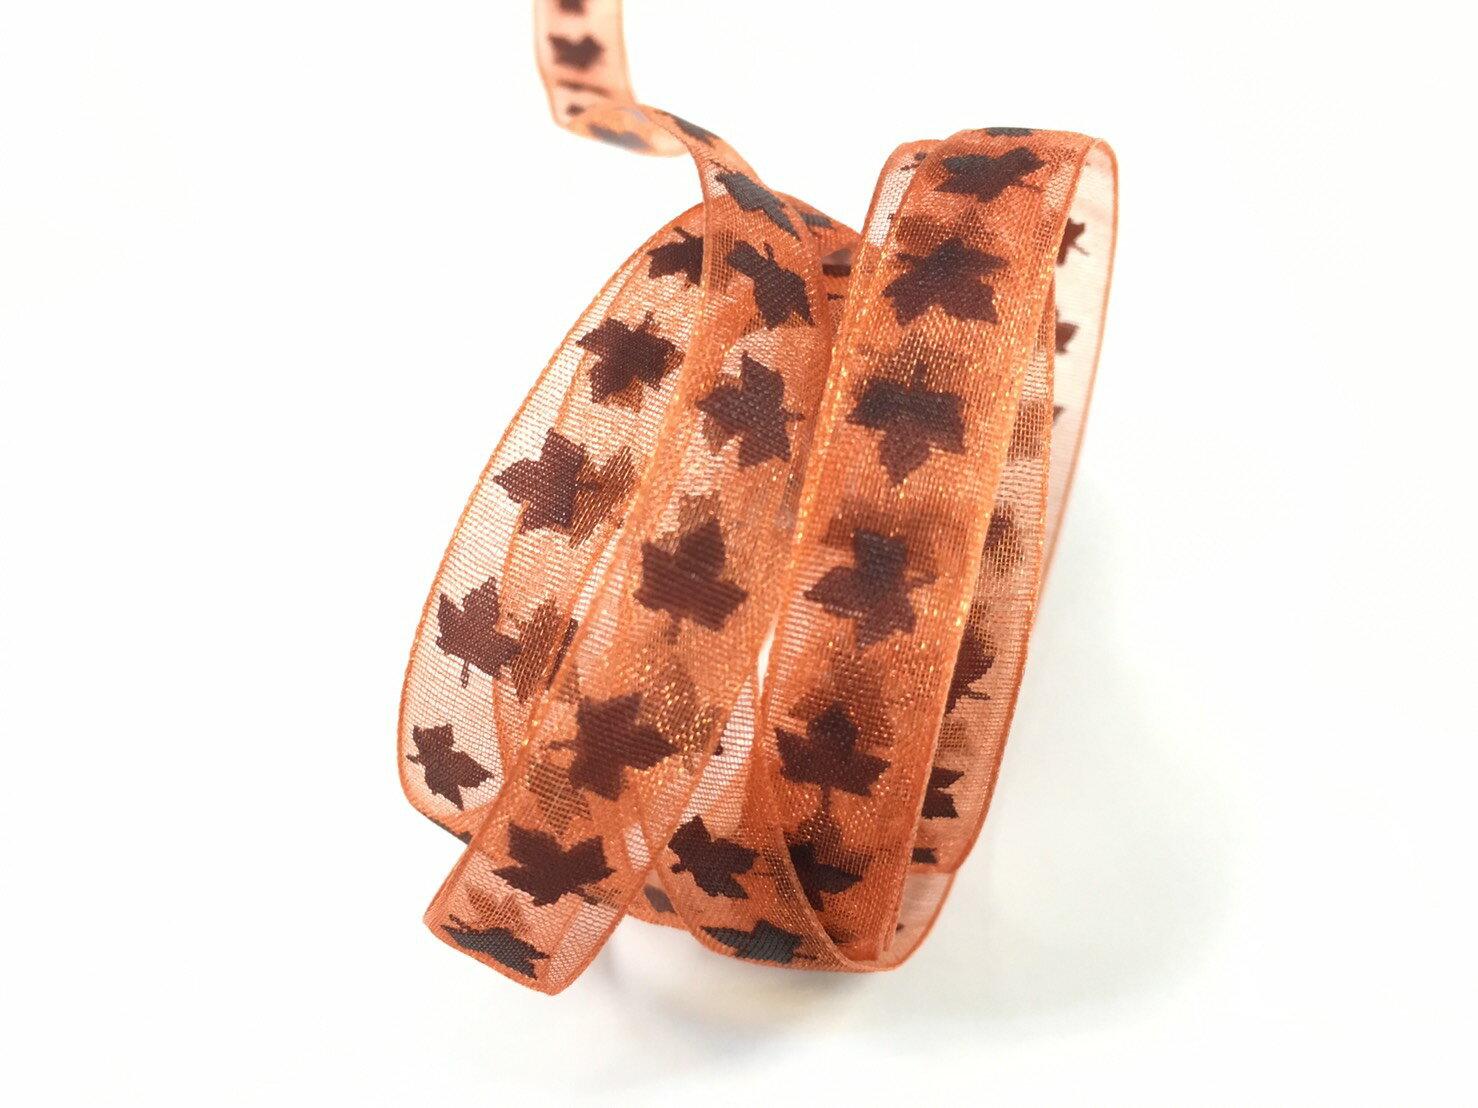 網紗秋楓緞帶 10mm 3碼裝(3色) 1